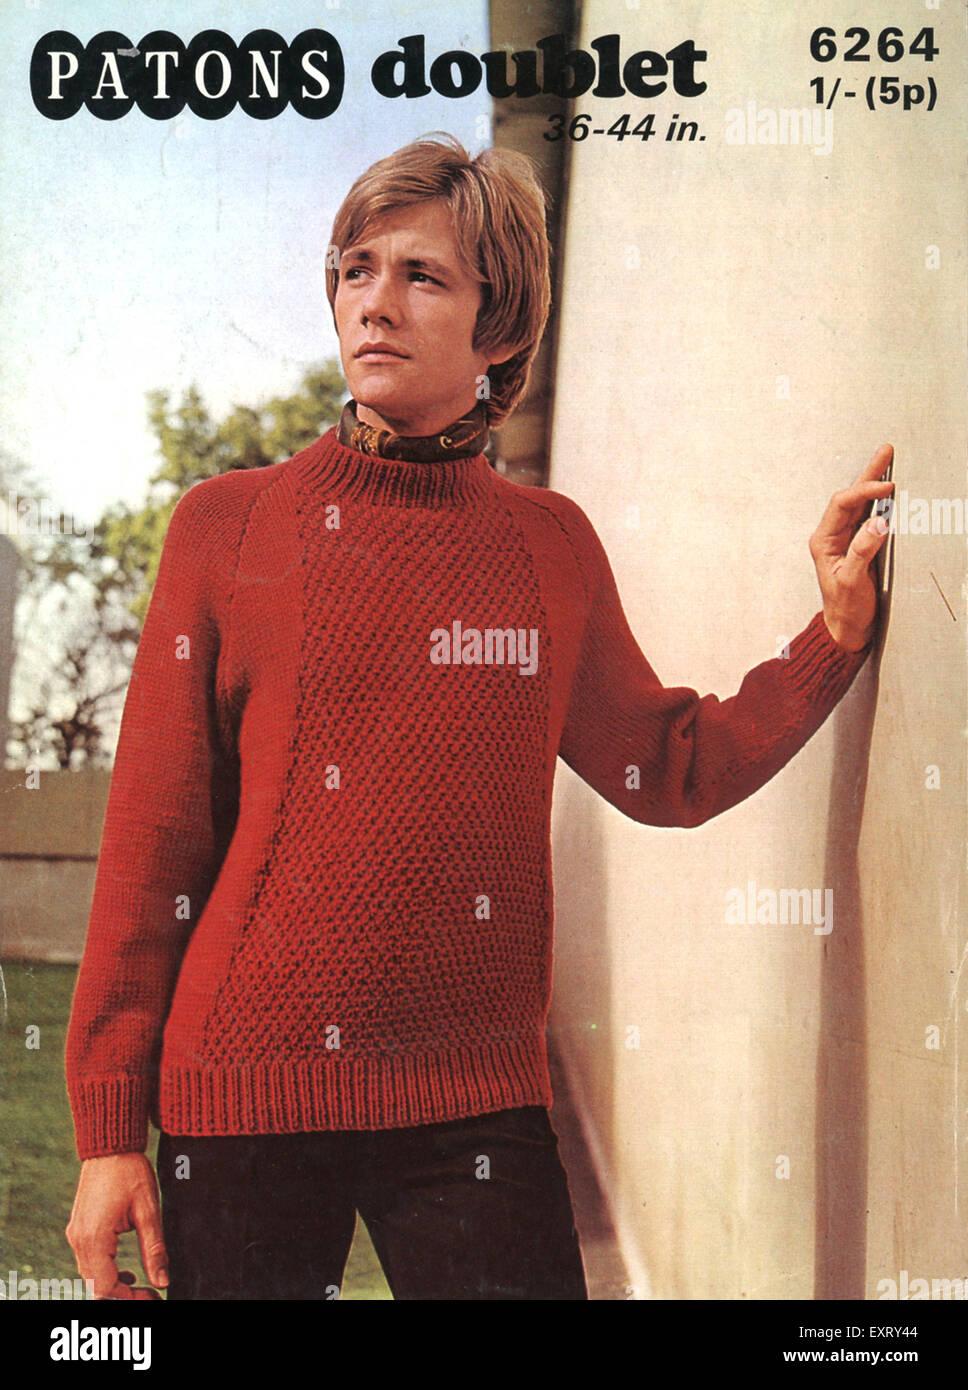 1970s UK Patons Knitting Patterns Stock Photo: 85348708 - Alamy